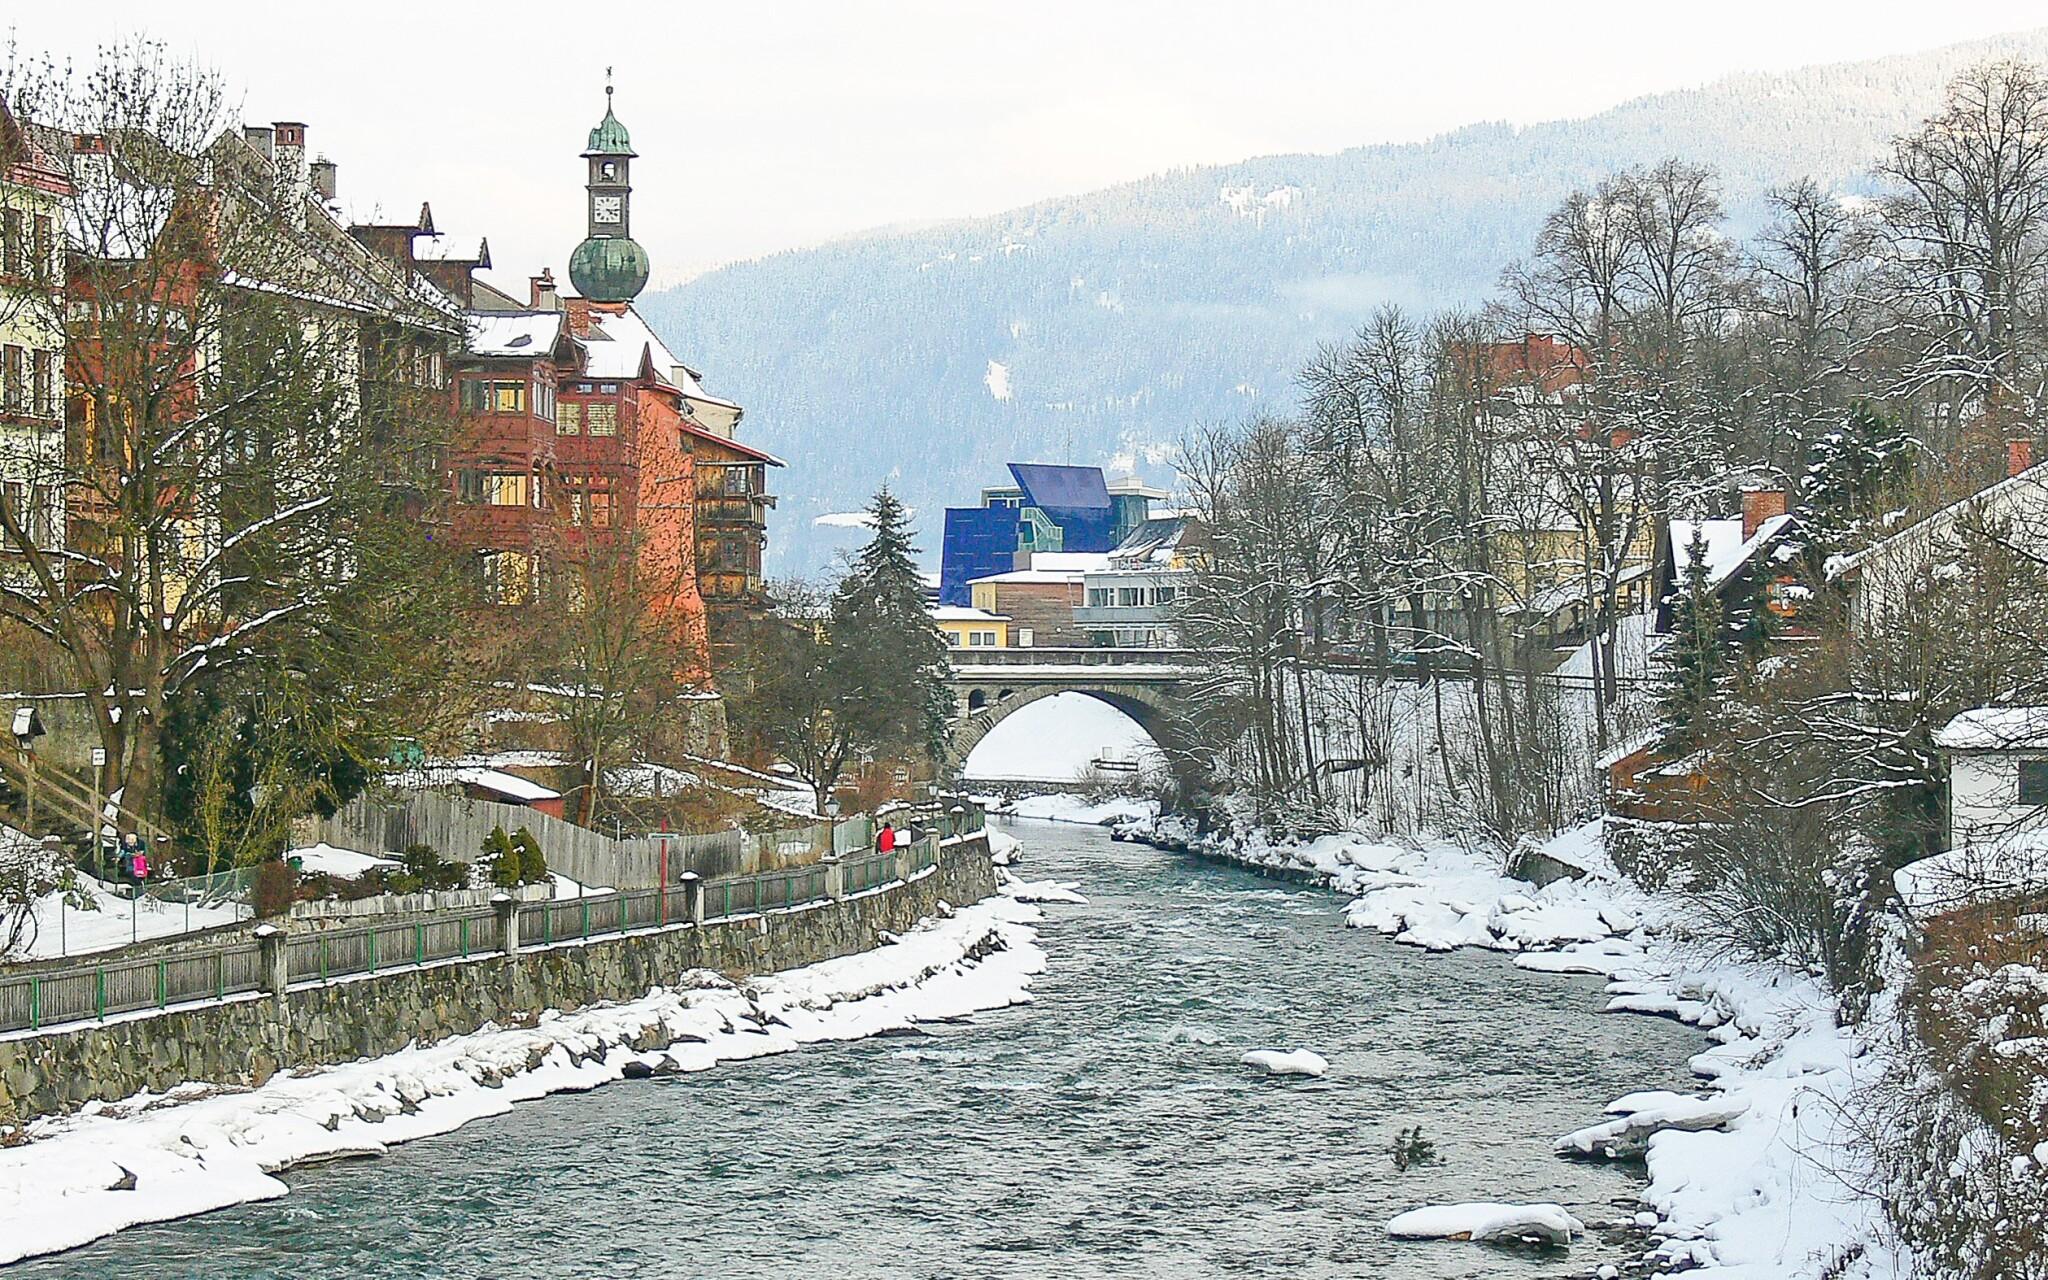 Stredisko Murau a rieka Mur, rakúské Alpy